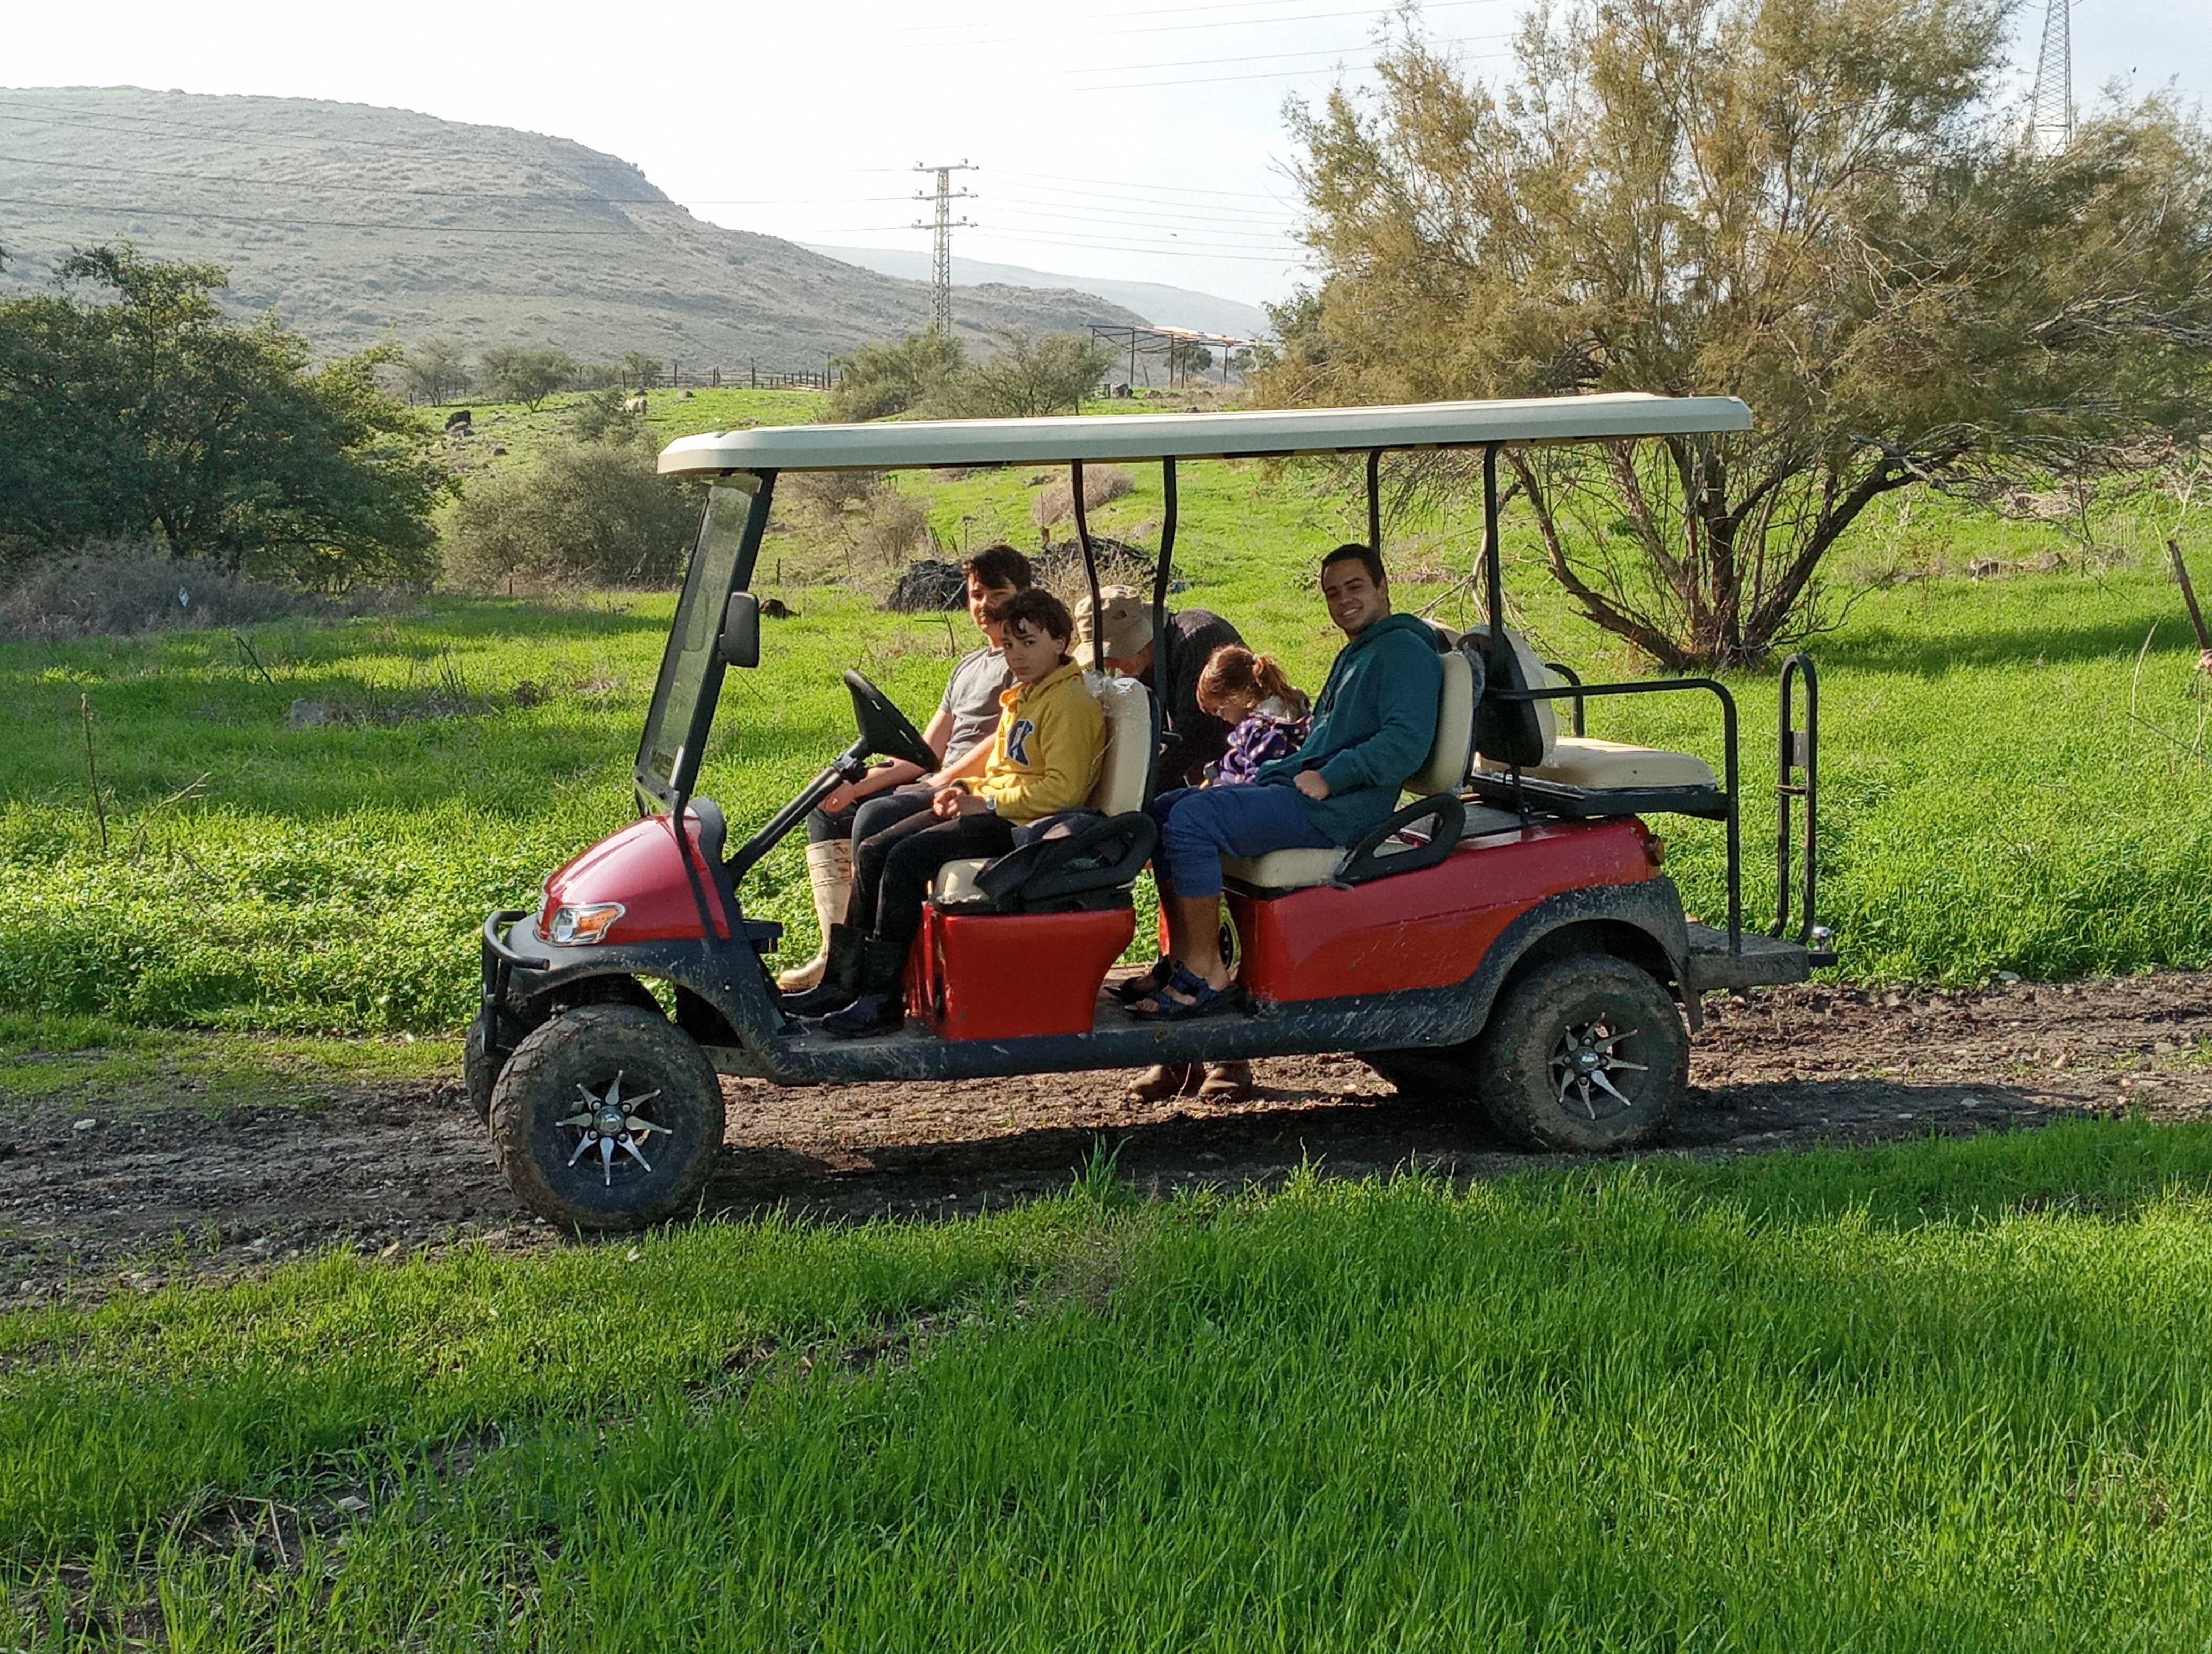 מרכבות הירדן - טיולים מזמרים ברכב ירוק